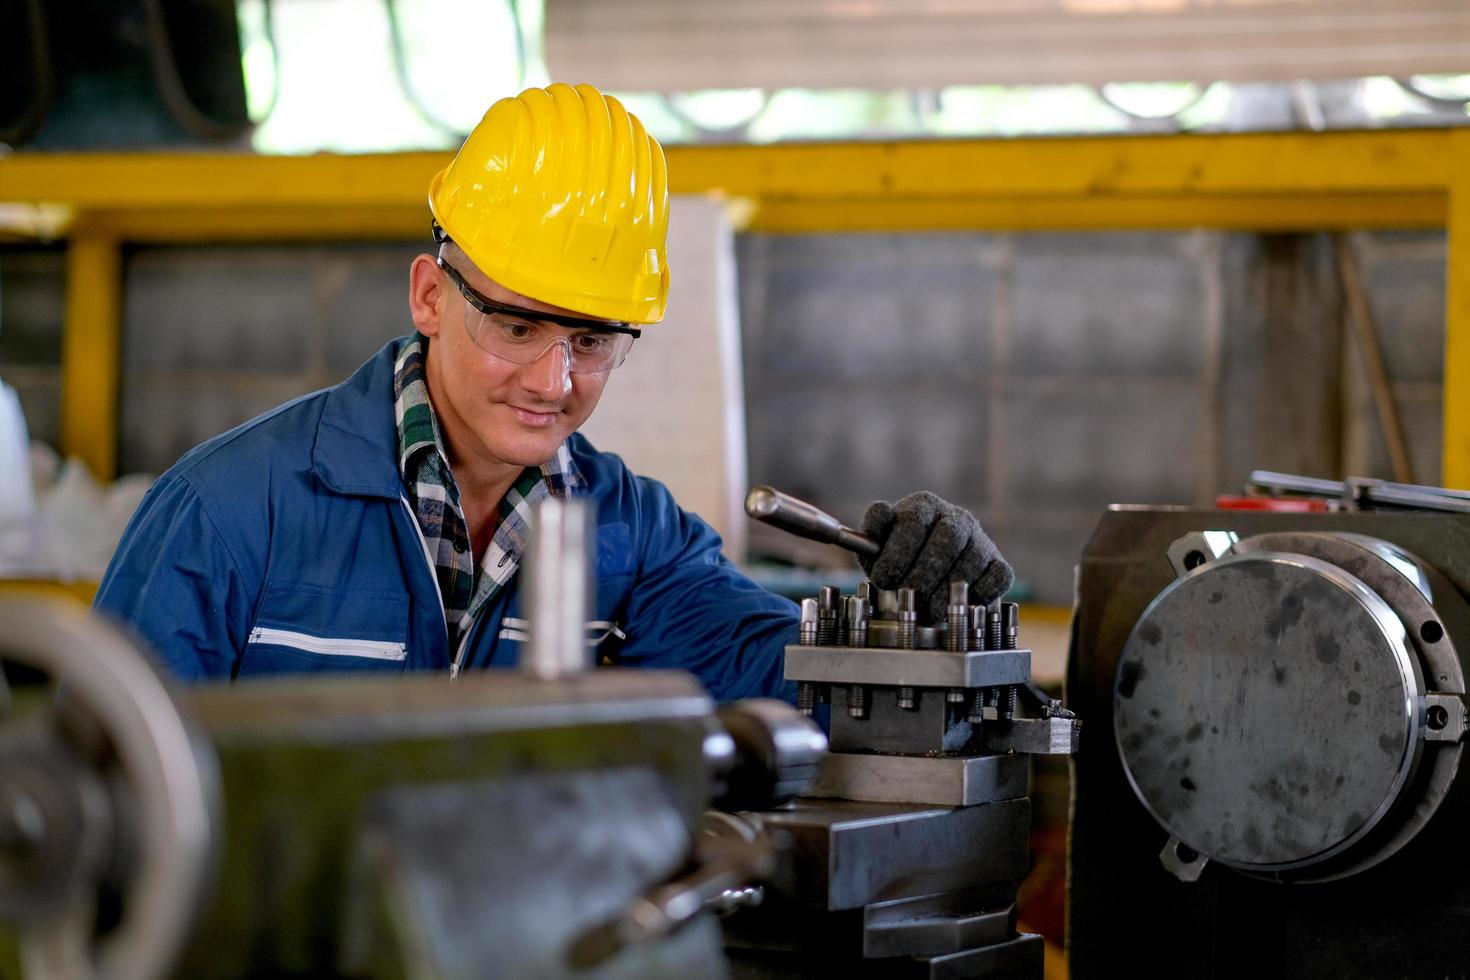 technicien masculin travaillant sur des machines au travail photo